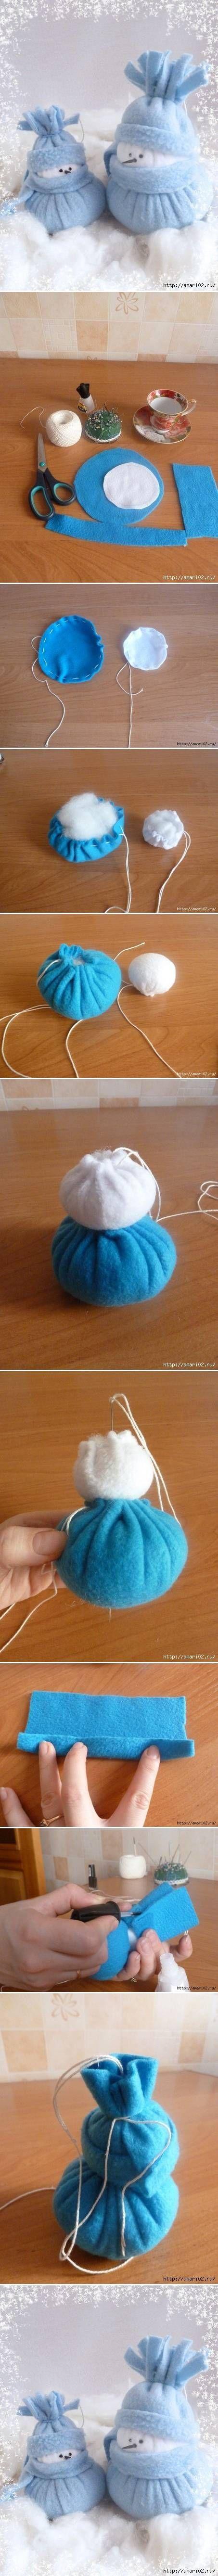 Como hacer fieltro Muñeco de nieve de Navidad Casa paso a paso las INSTRUCCIONES de la Decoración tutorial DIY Como hacer fieltro del muñeco ...